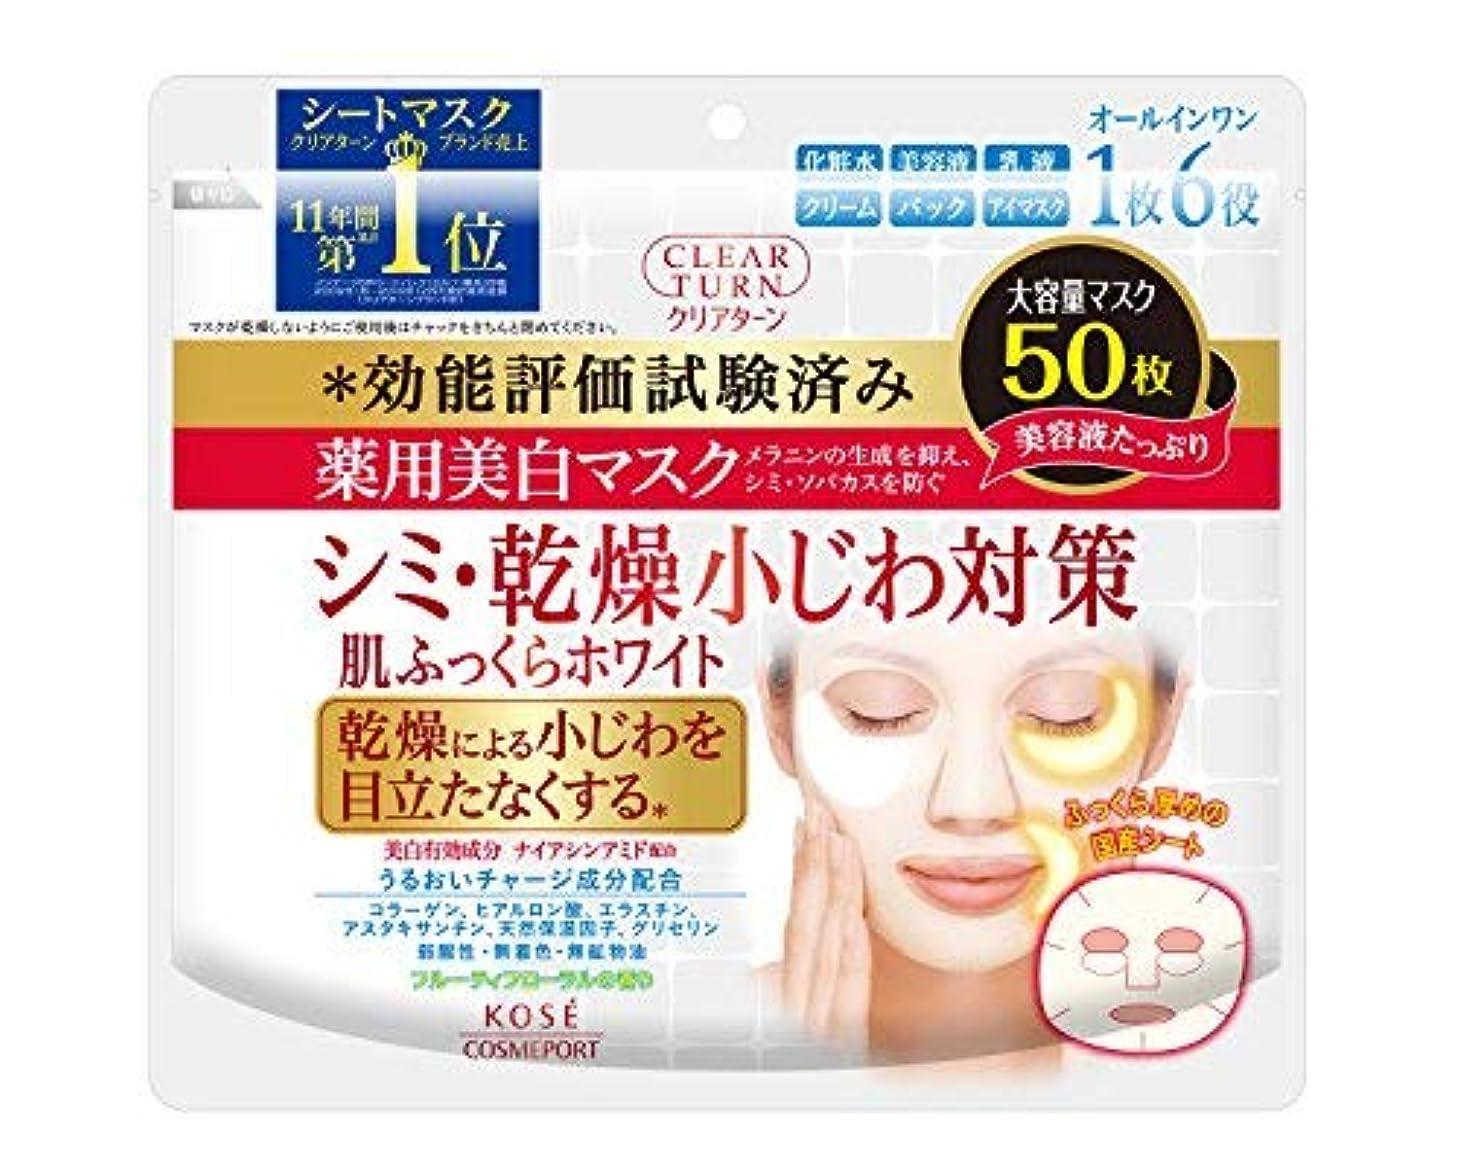 ちょうつがい工夫する可能クリアターン薬用美白肌ホワイトマスク50枚 × 3個セット